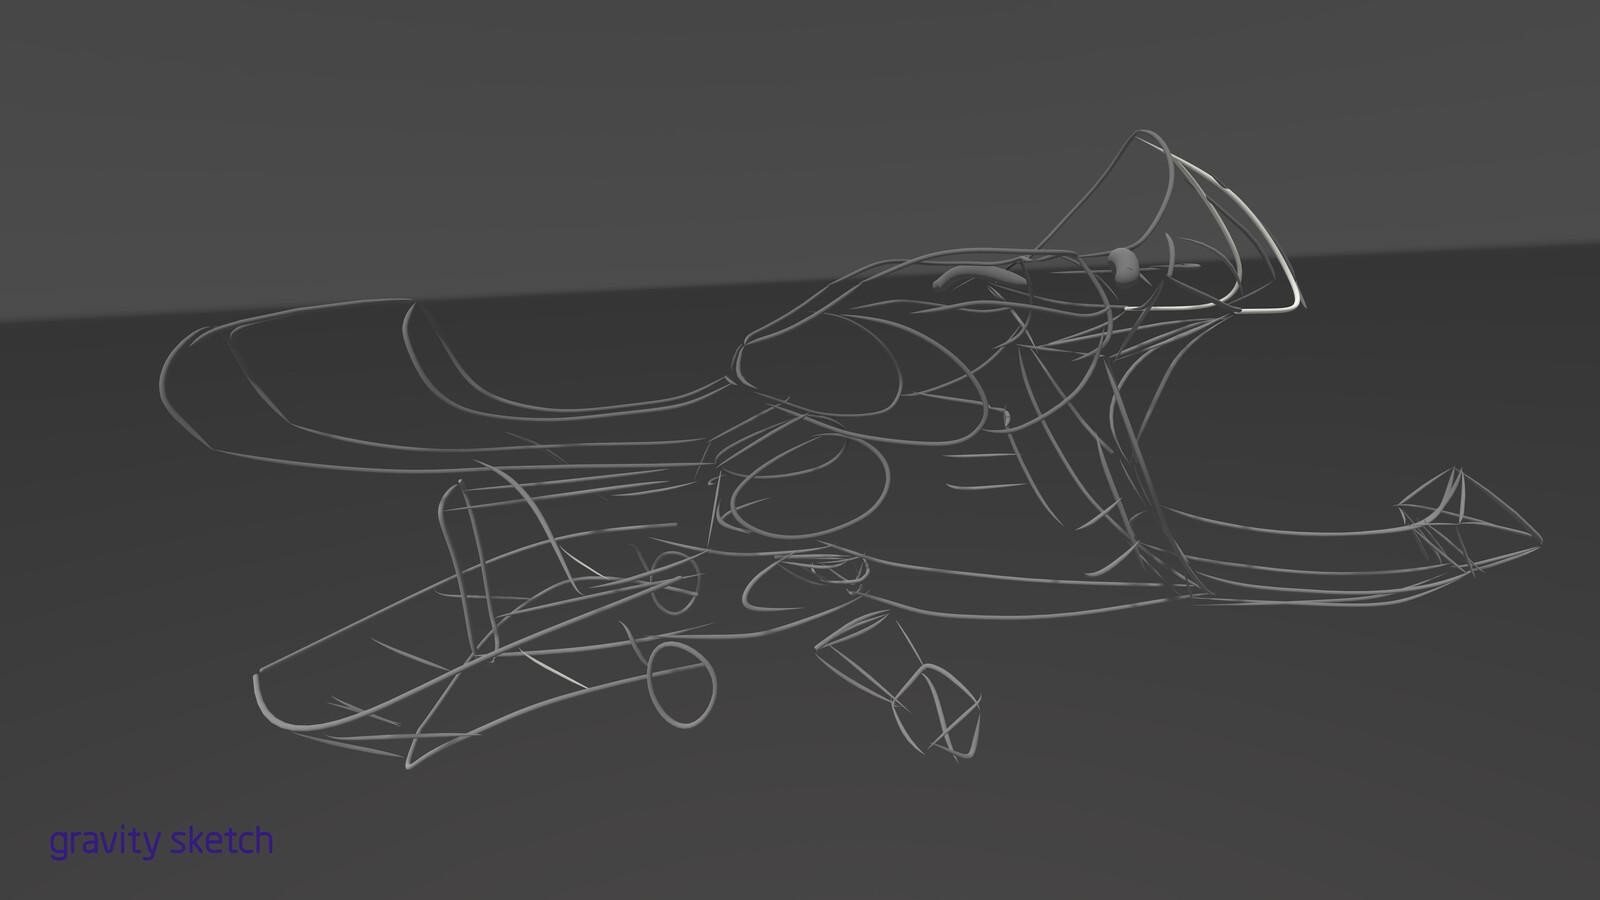 skething phase inside gravity Sketch